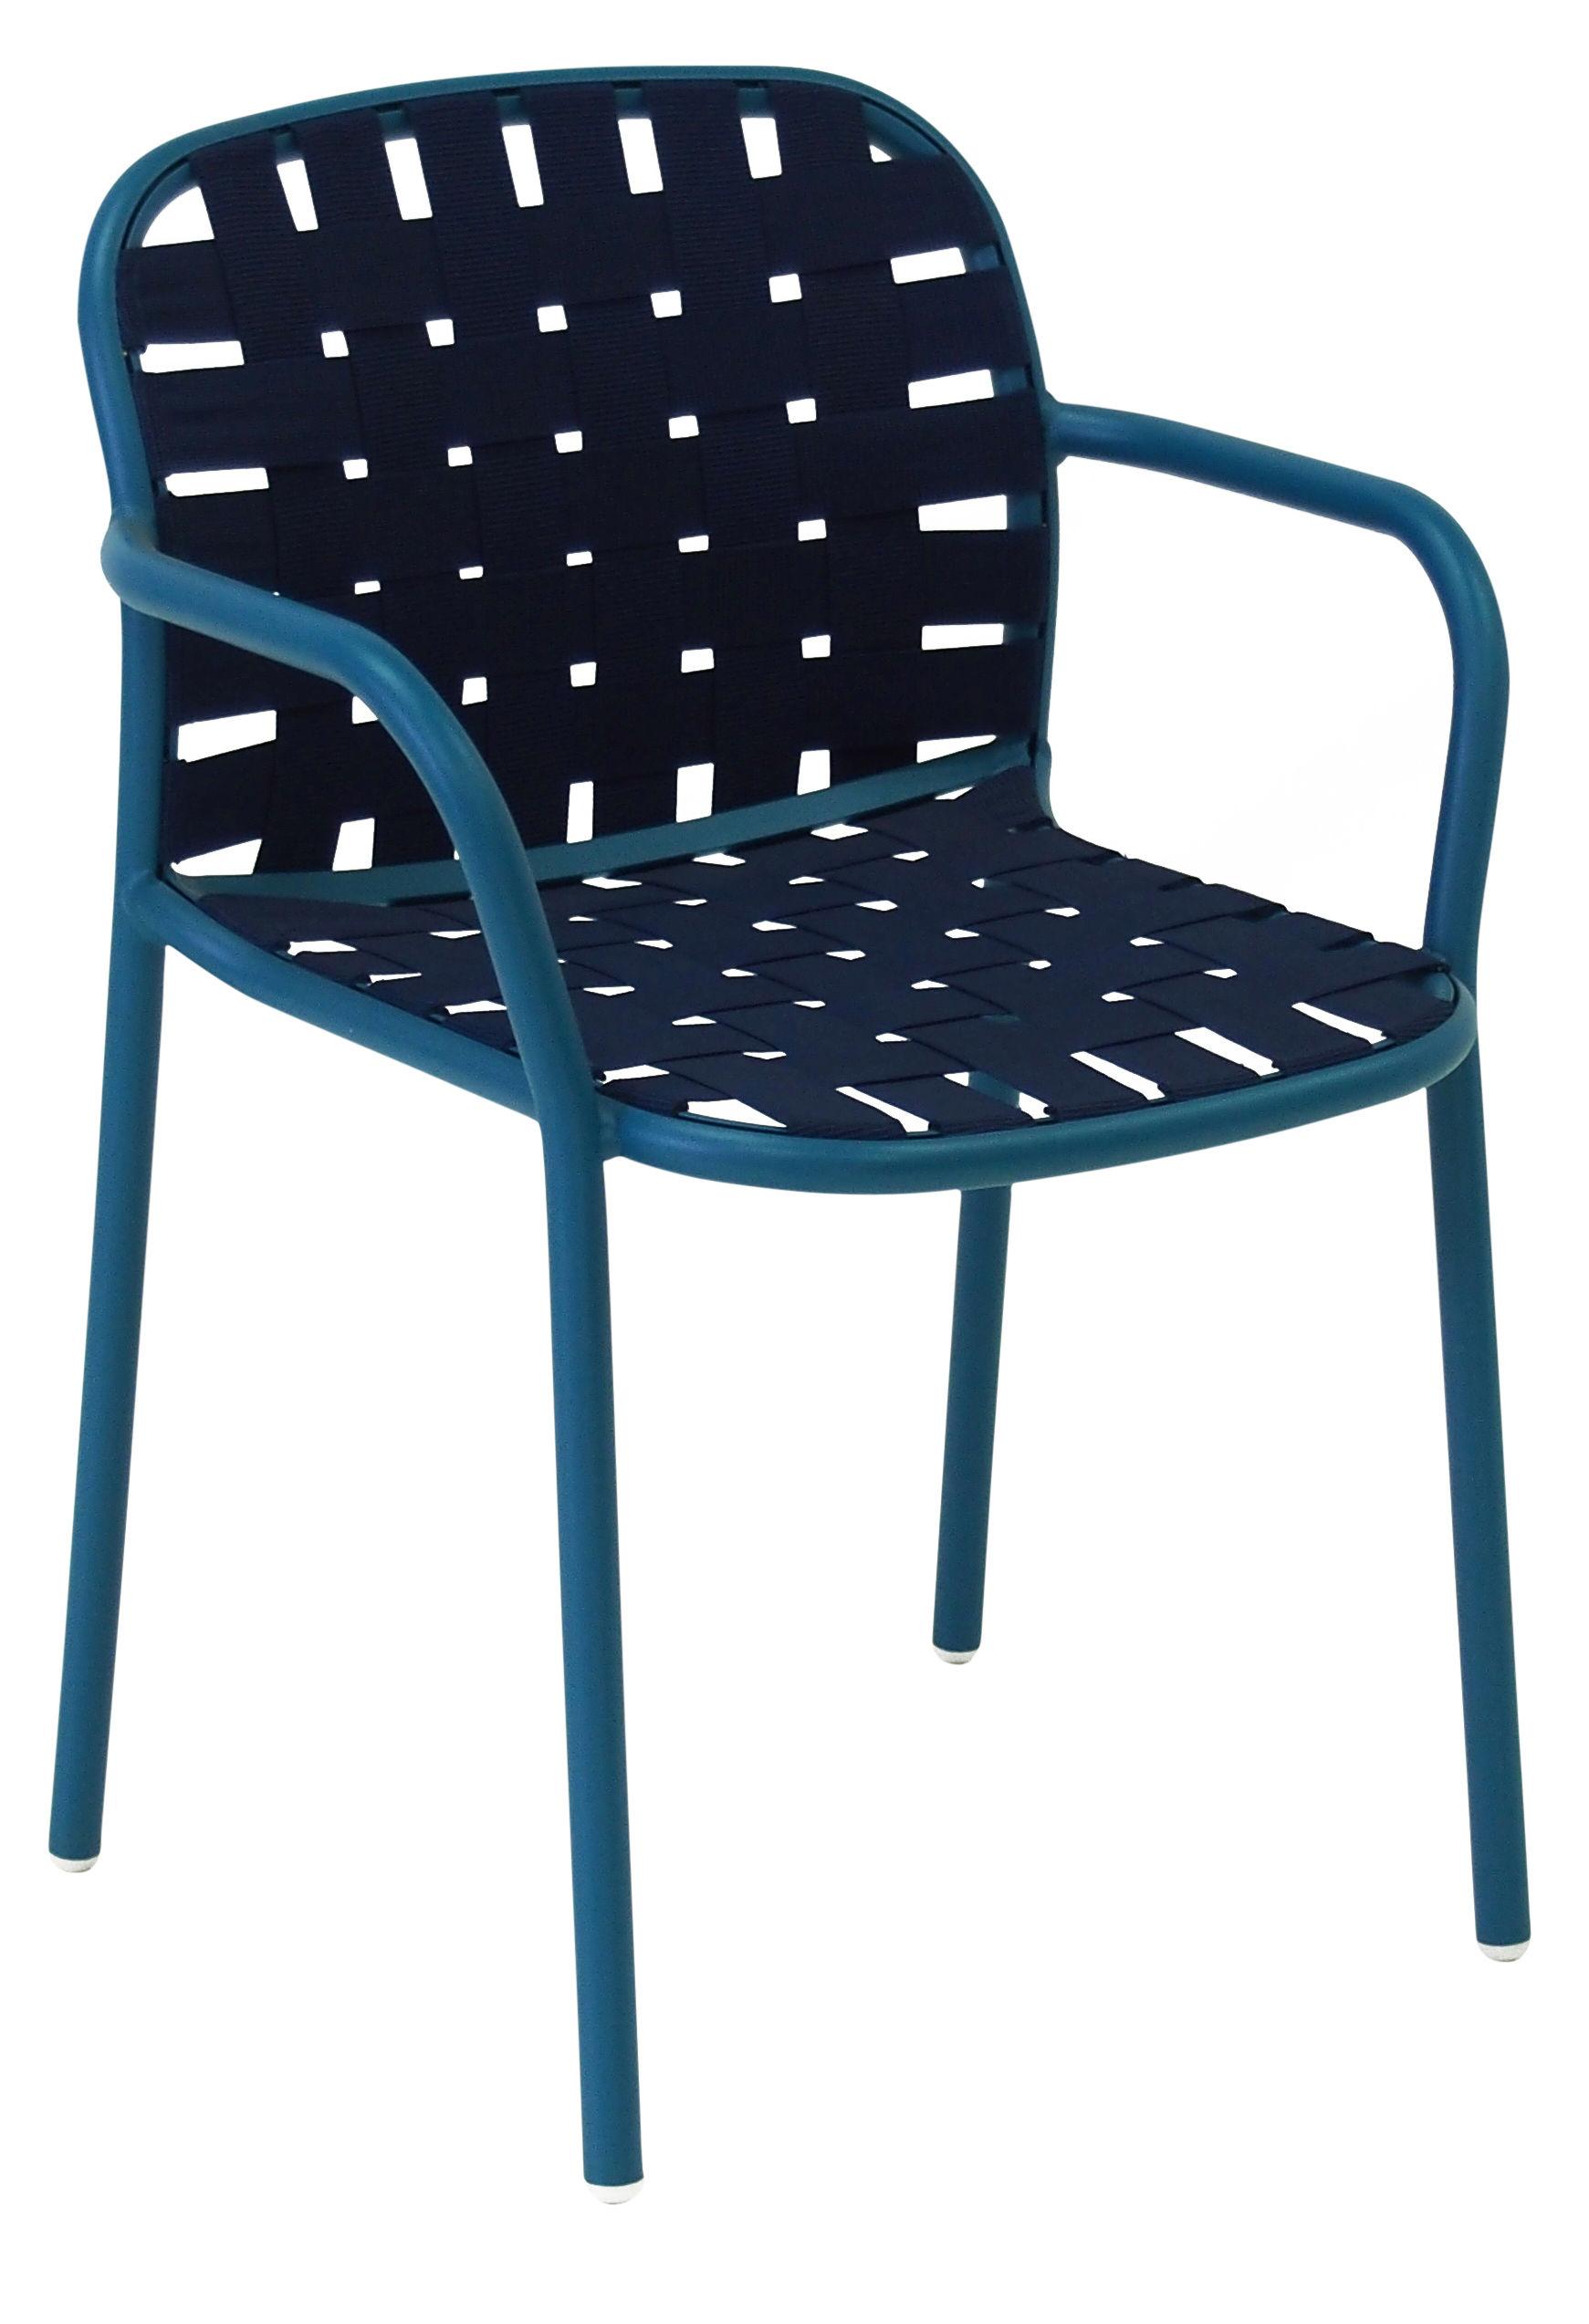 Mobilier - Chaises, fauteuils de salle à manger - Fauteuil empilable Yard / Sangles élastiques - Emu - Bleu - Aluminium verni, Sangles élastiques